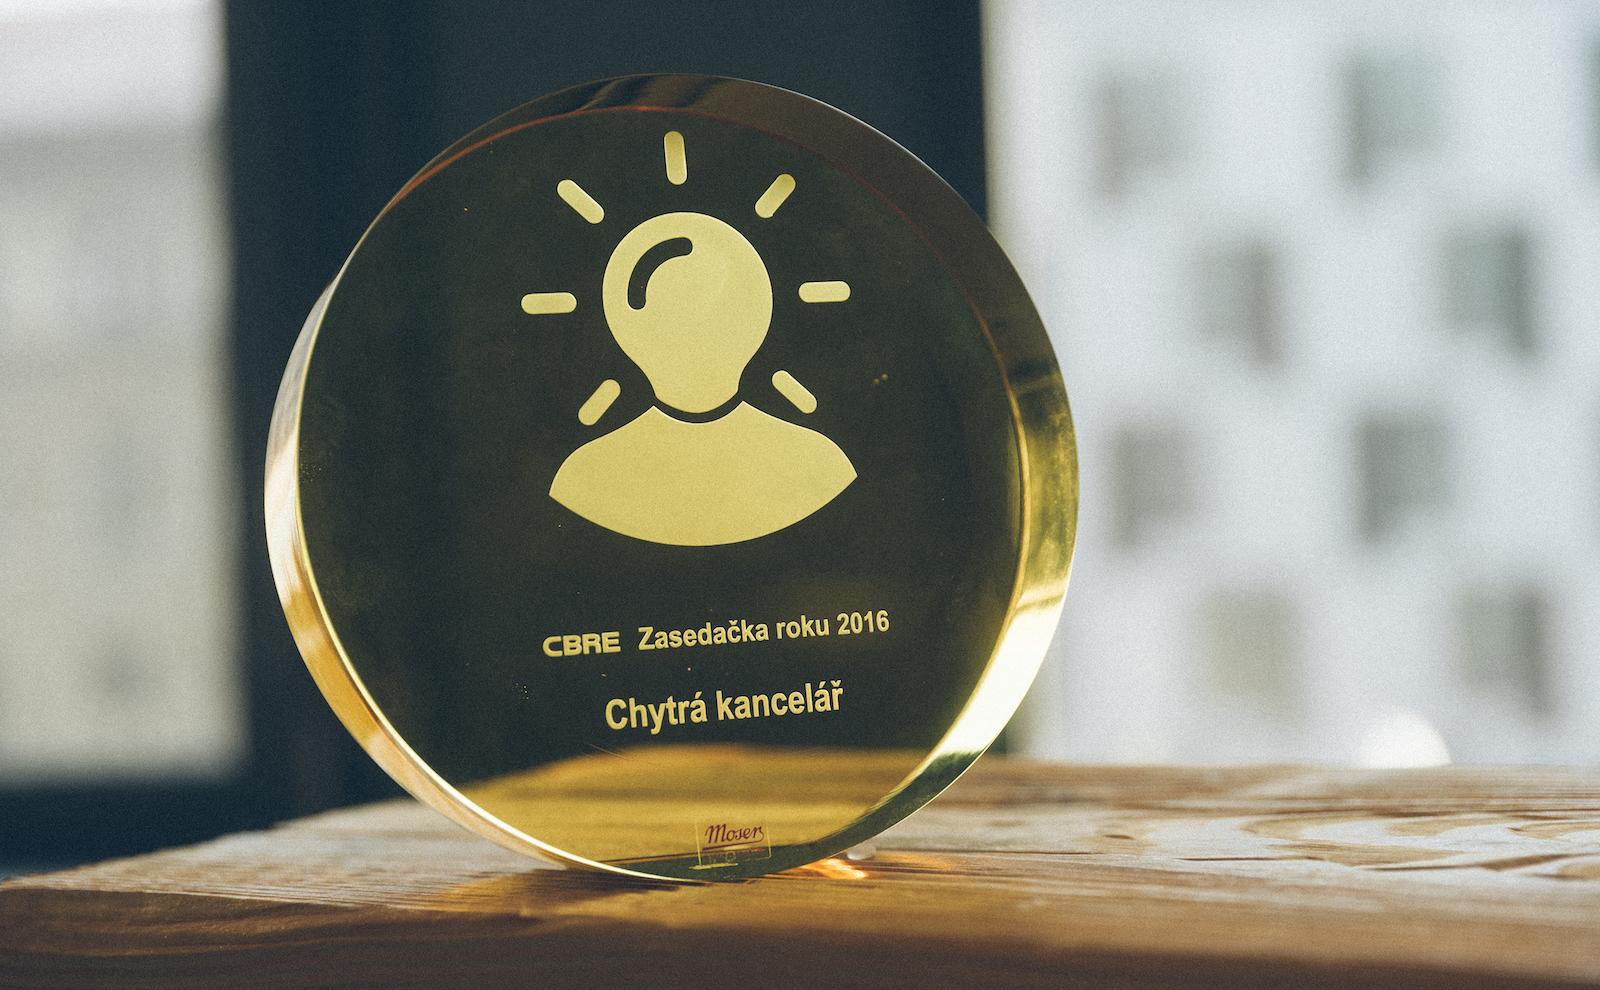 CBRE zasedačka roku - chytrá kancelář - cena